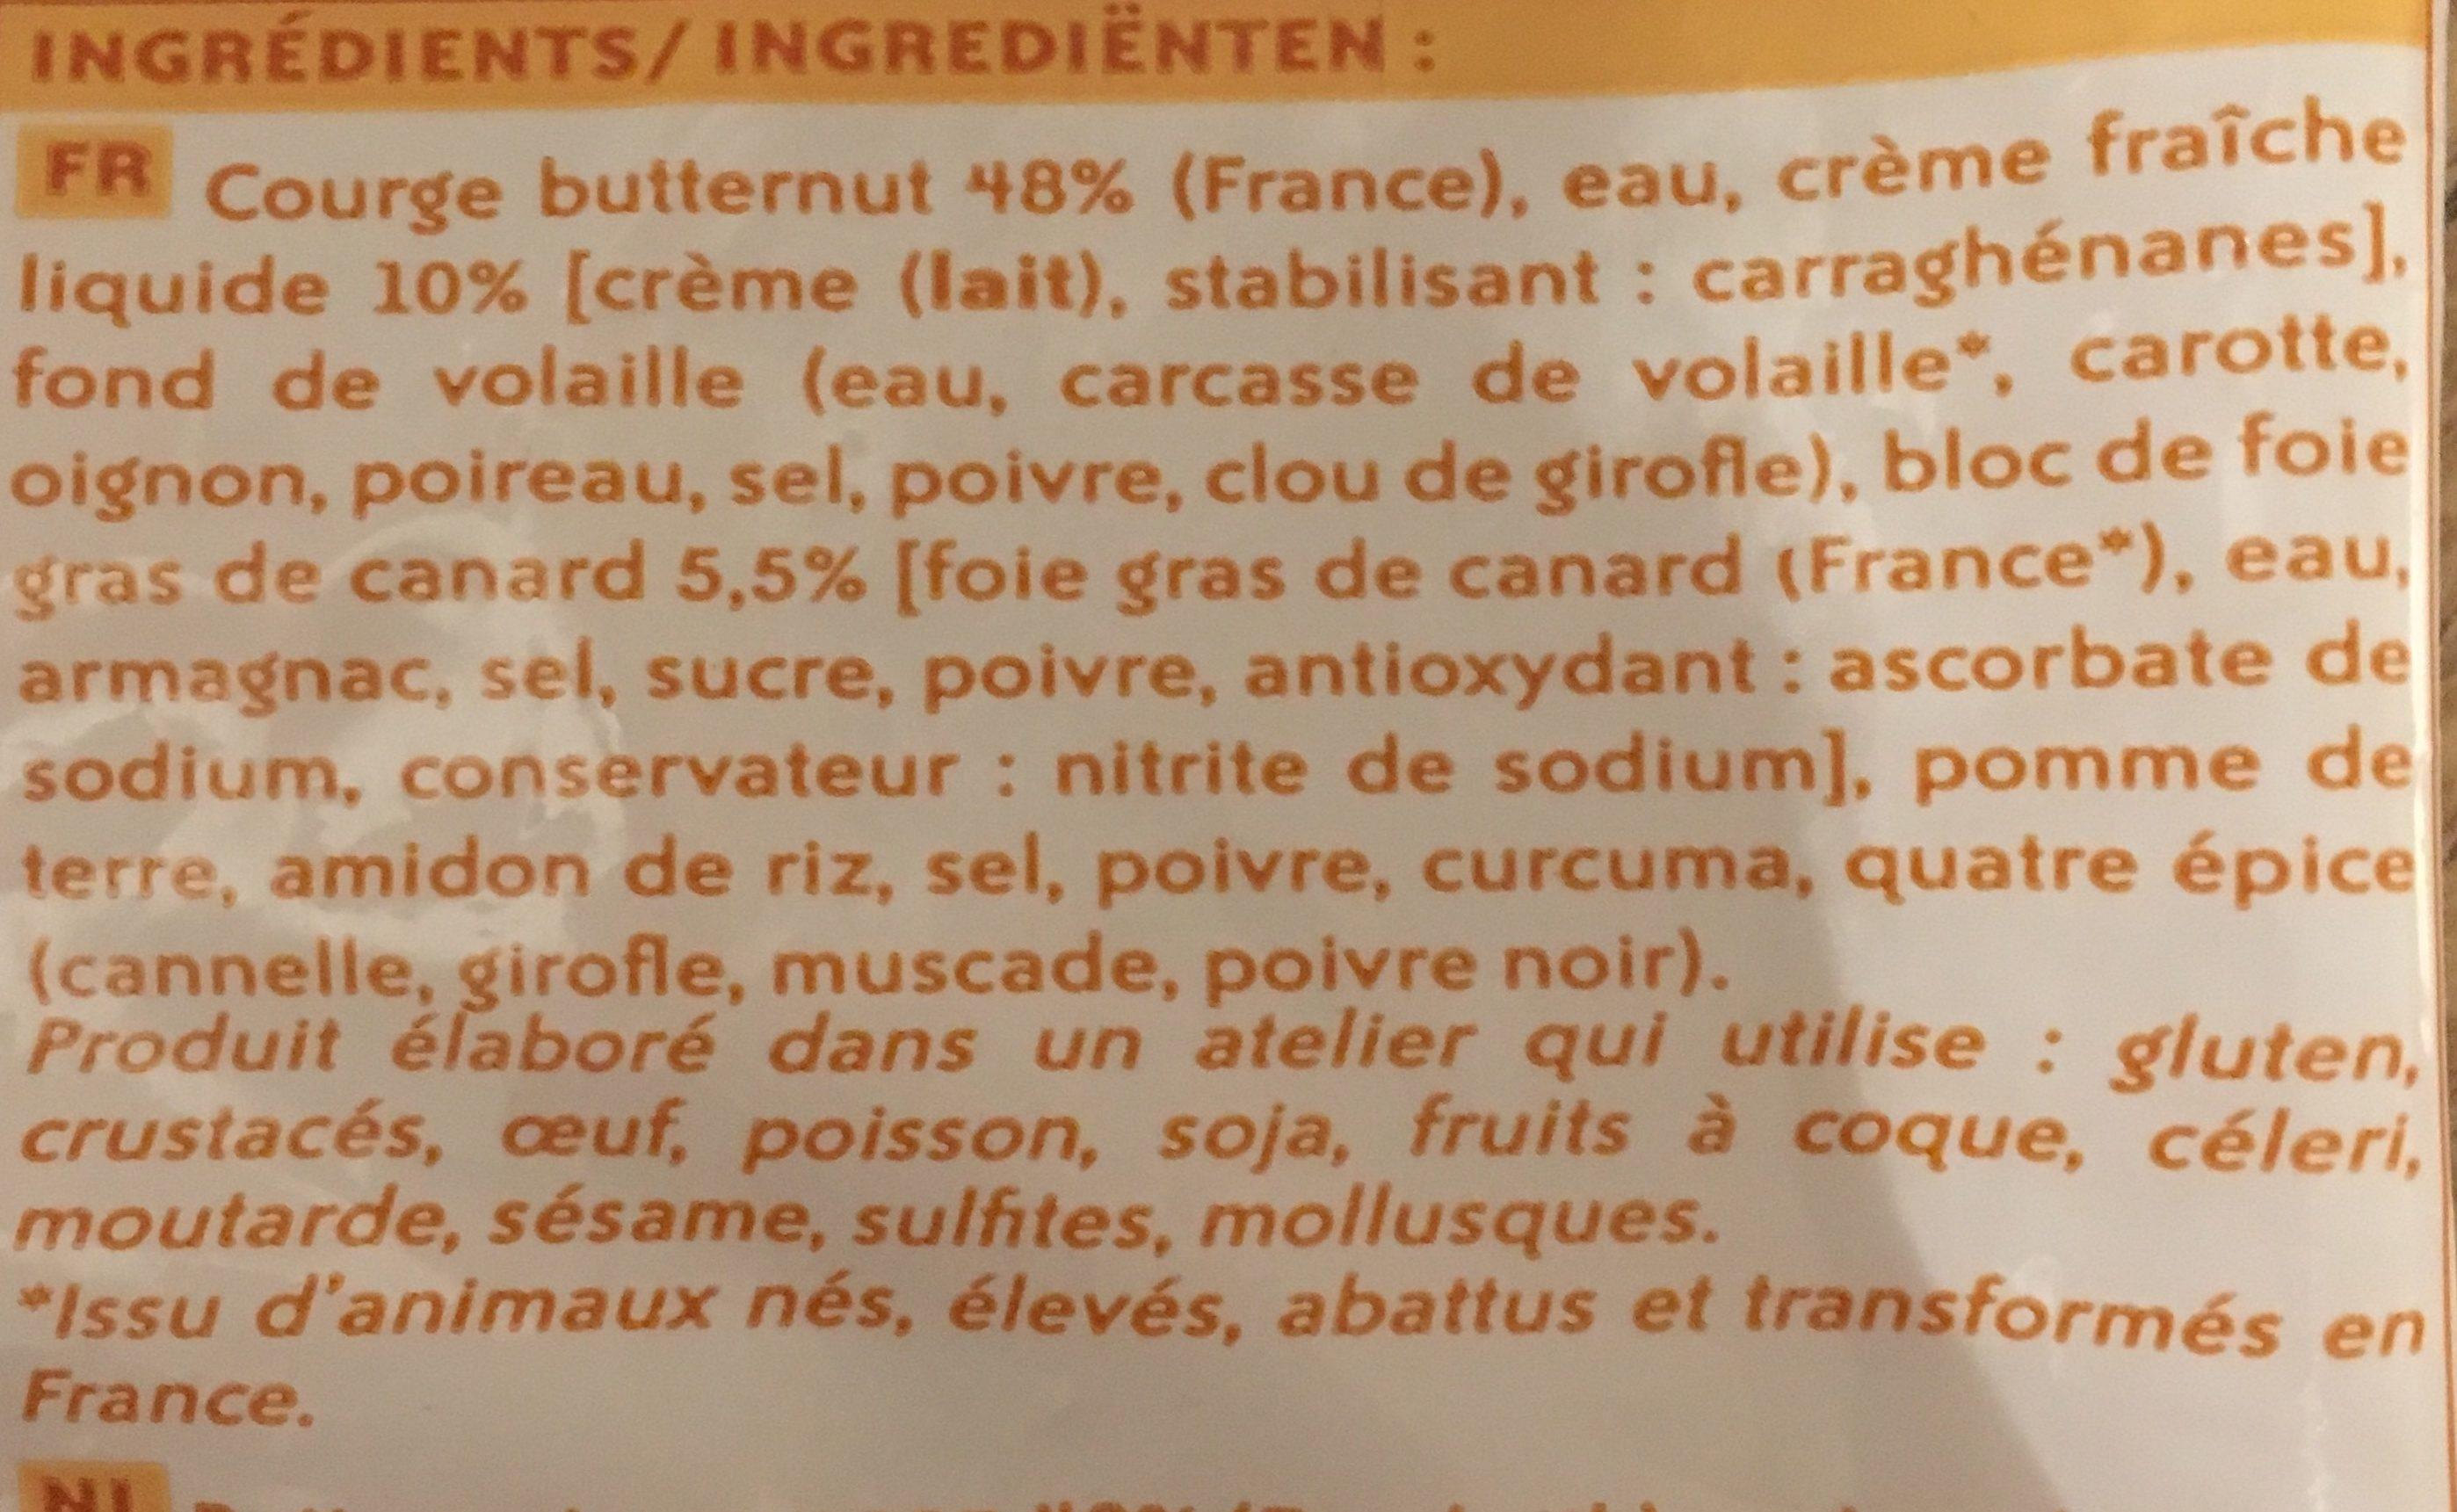 Velouté de Courge Butternut au Bloc de Foie Gras de Canard - Ingrédients - fr